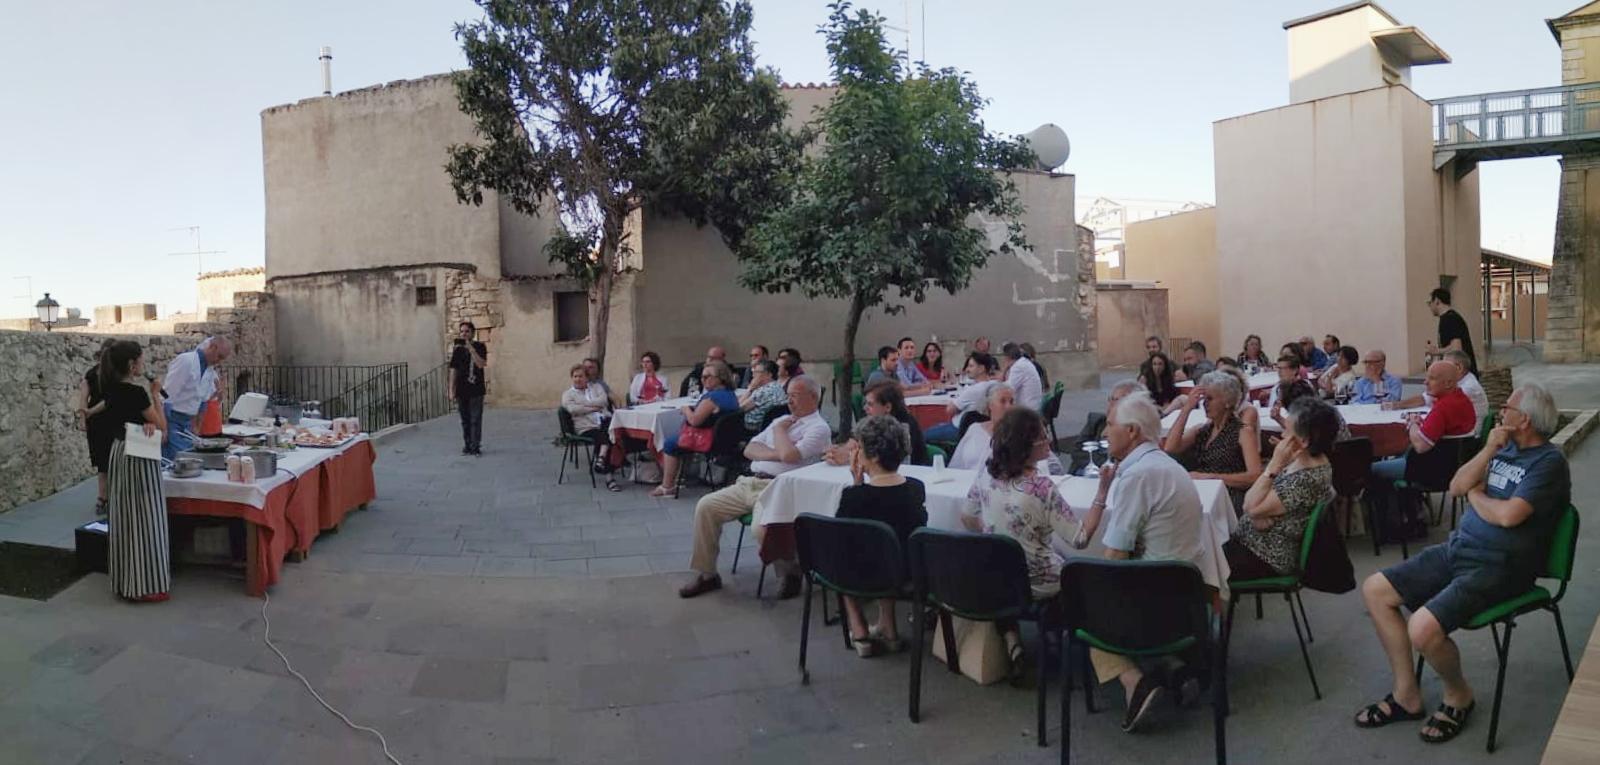 La presentazione dei piatti al Pac di Palazzolo